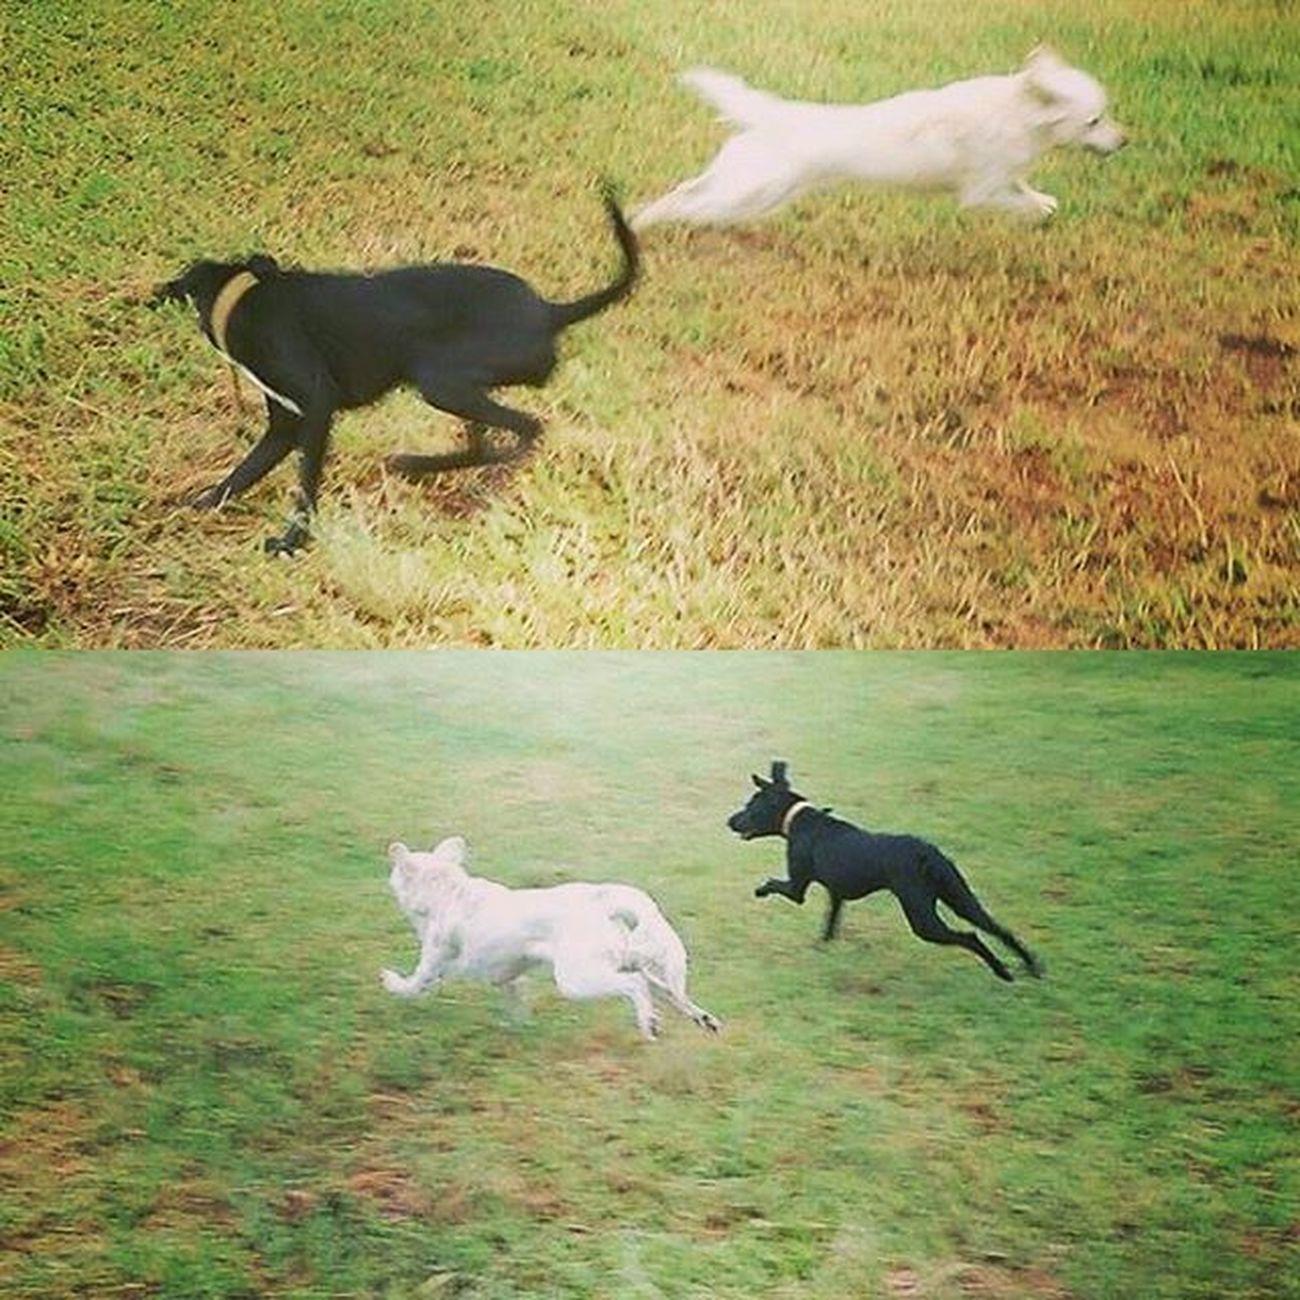 """""""Hoje eu achei um amigo e brinquei muito, pai!"""" Nego(o branco) e o Branco(o dog preto) se divertindo bastante hoje pela manhã! Muito amor! ❤ DogDayIsEveryDay Dogfriends Dog Cachorro Instapet MuitoAmor Myson"""